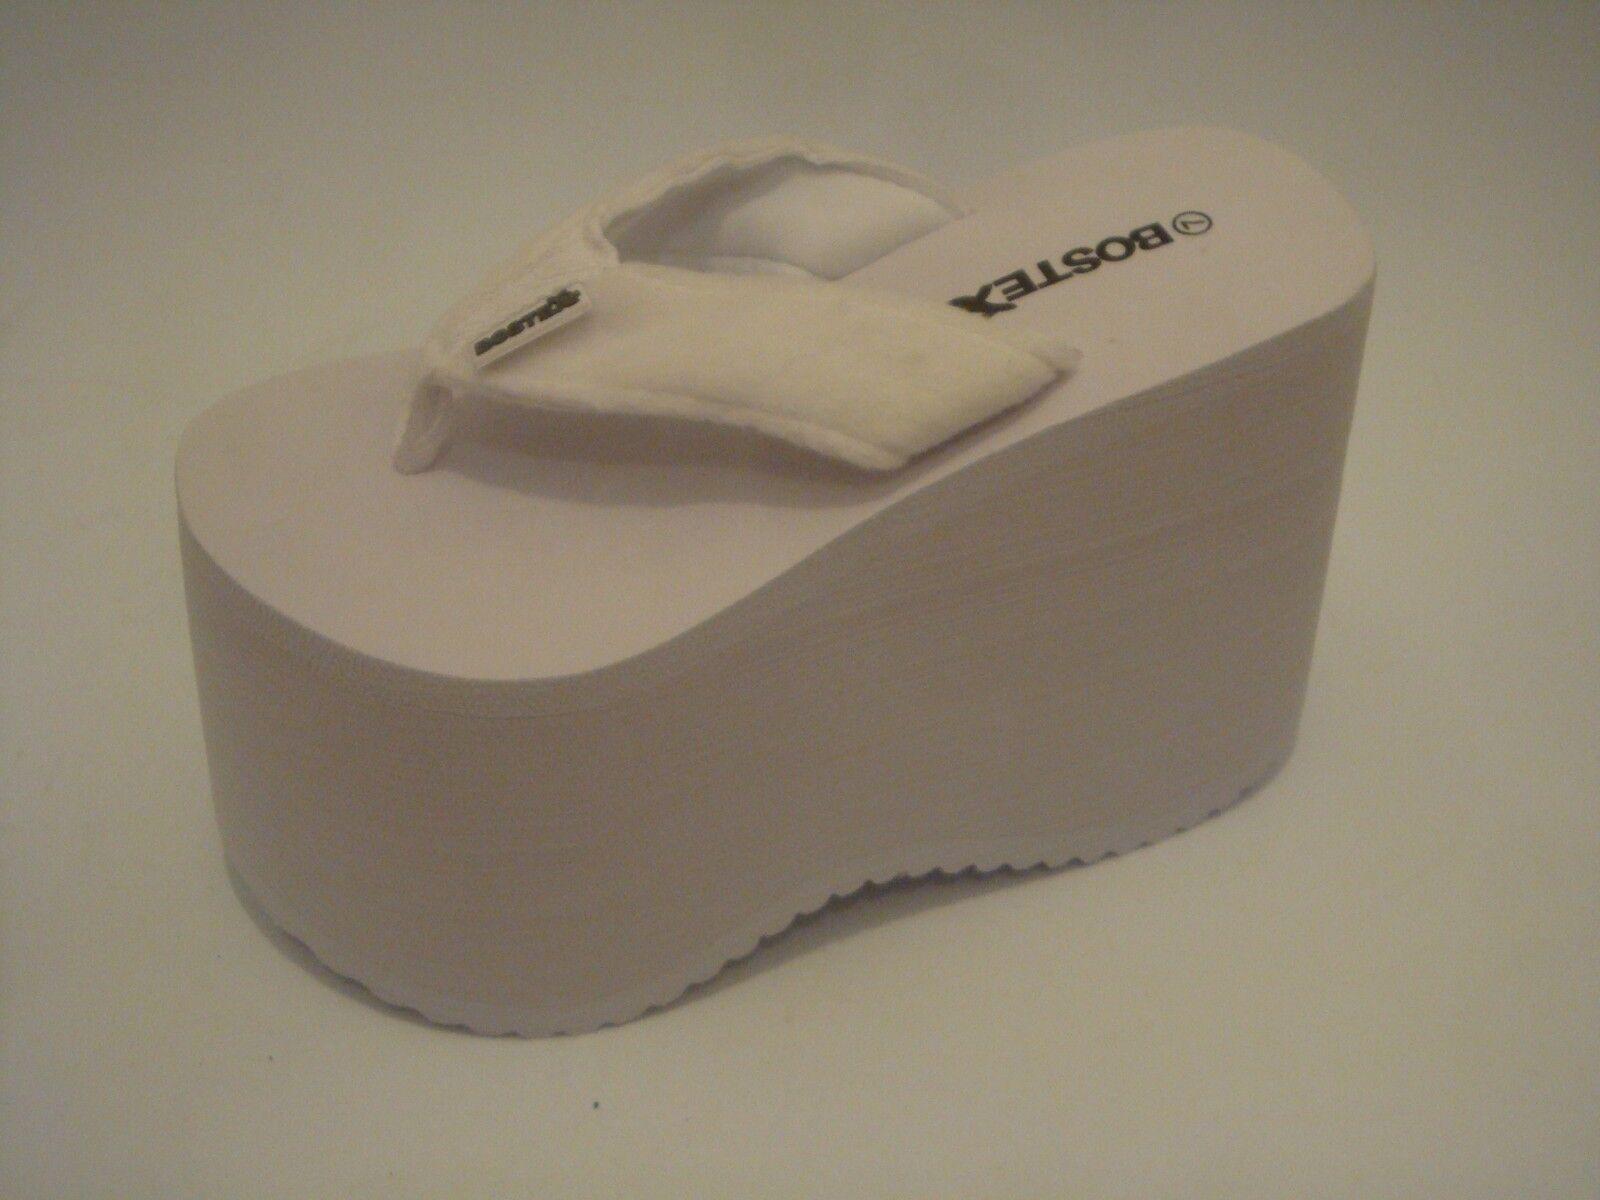 Flip Flop Sandalia de tanga bostek De Plataforma Zapatos Estilo 102w, 5.25 Pulgadas 13.3cm